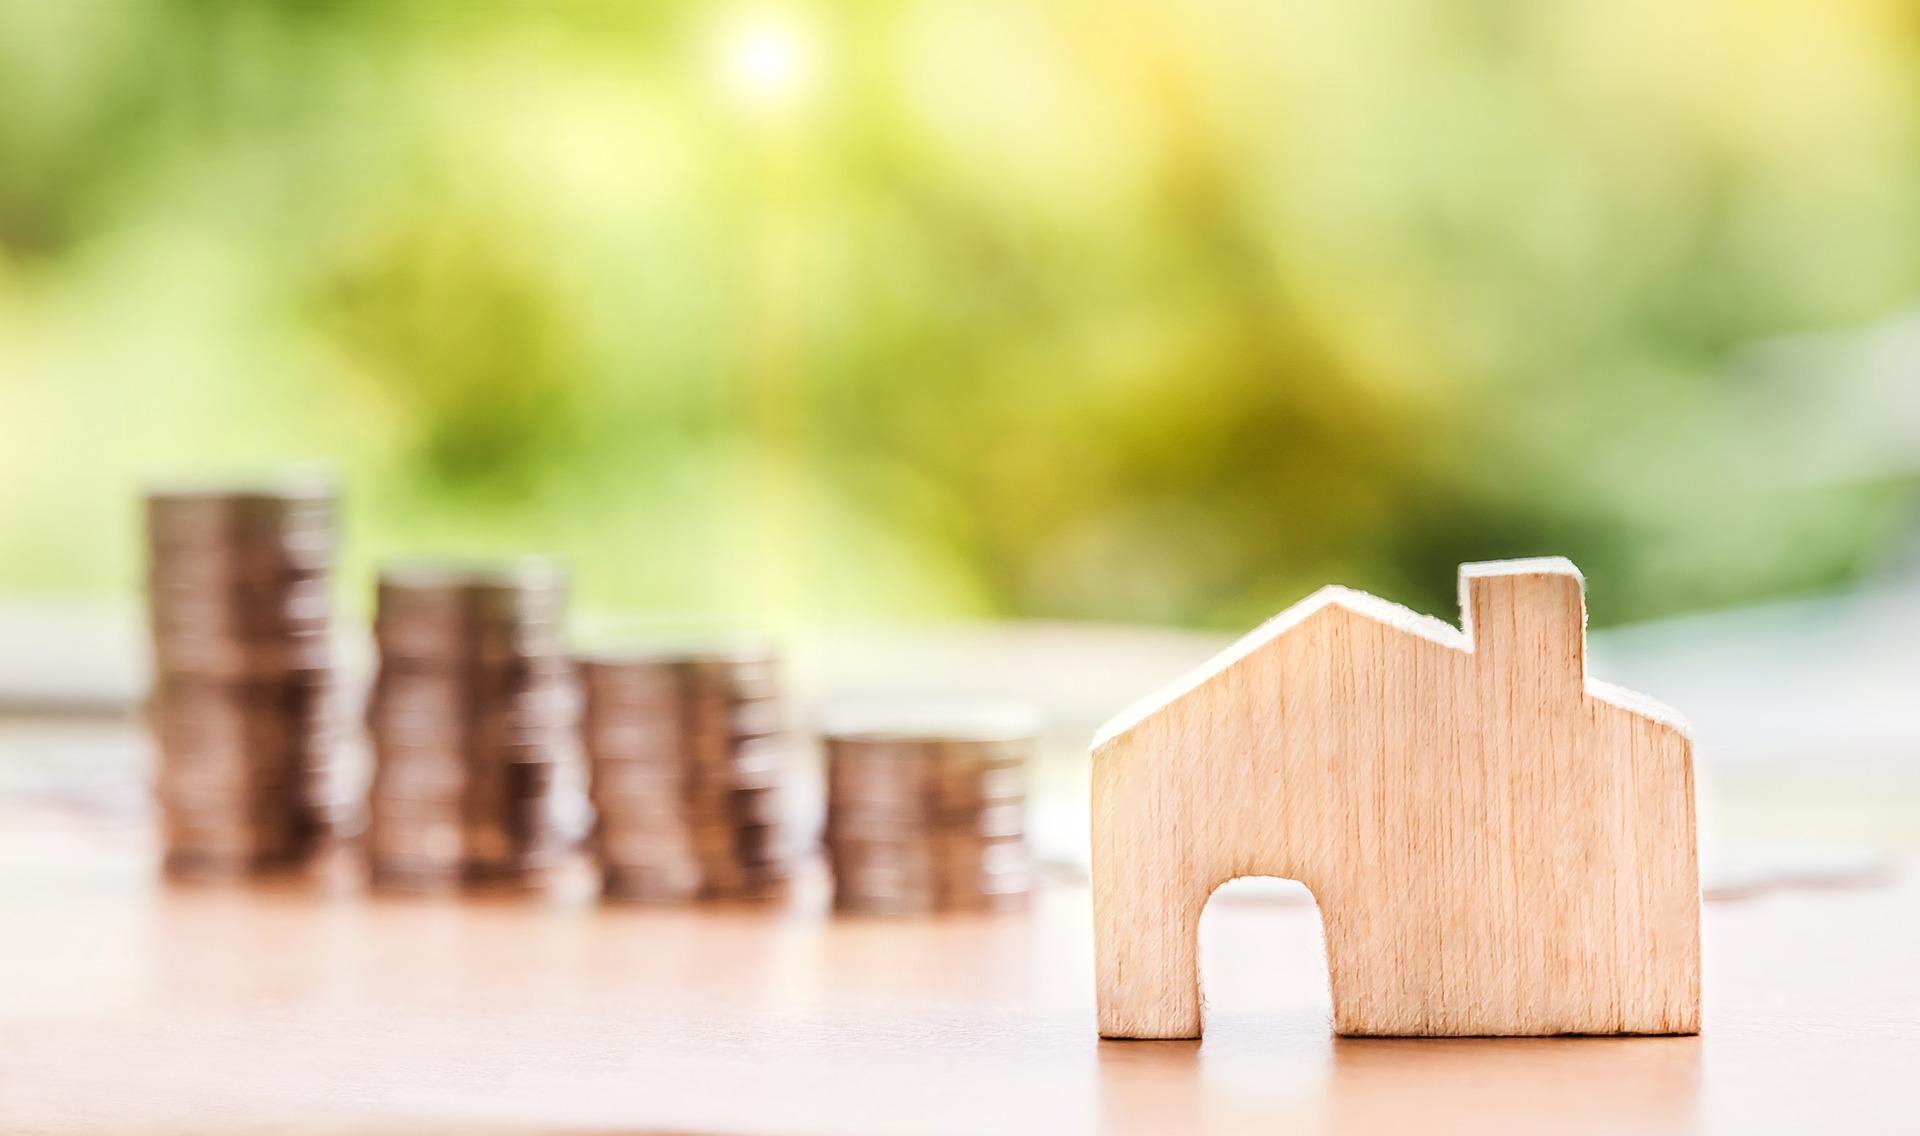 Der Immobilienmarkt am Kollaps – Risiko Immobilienblase